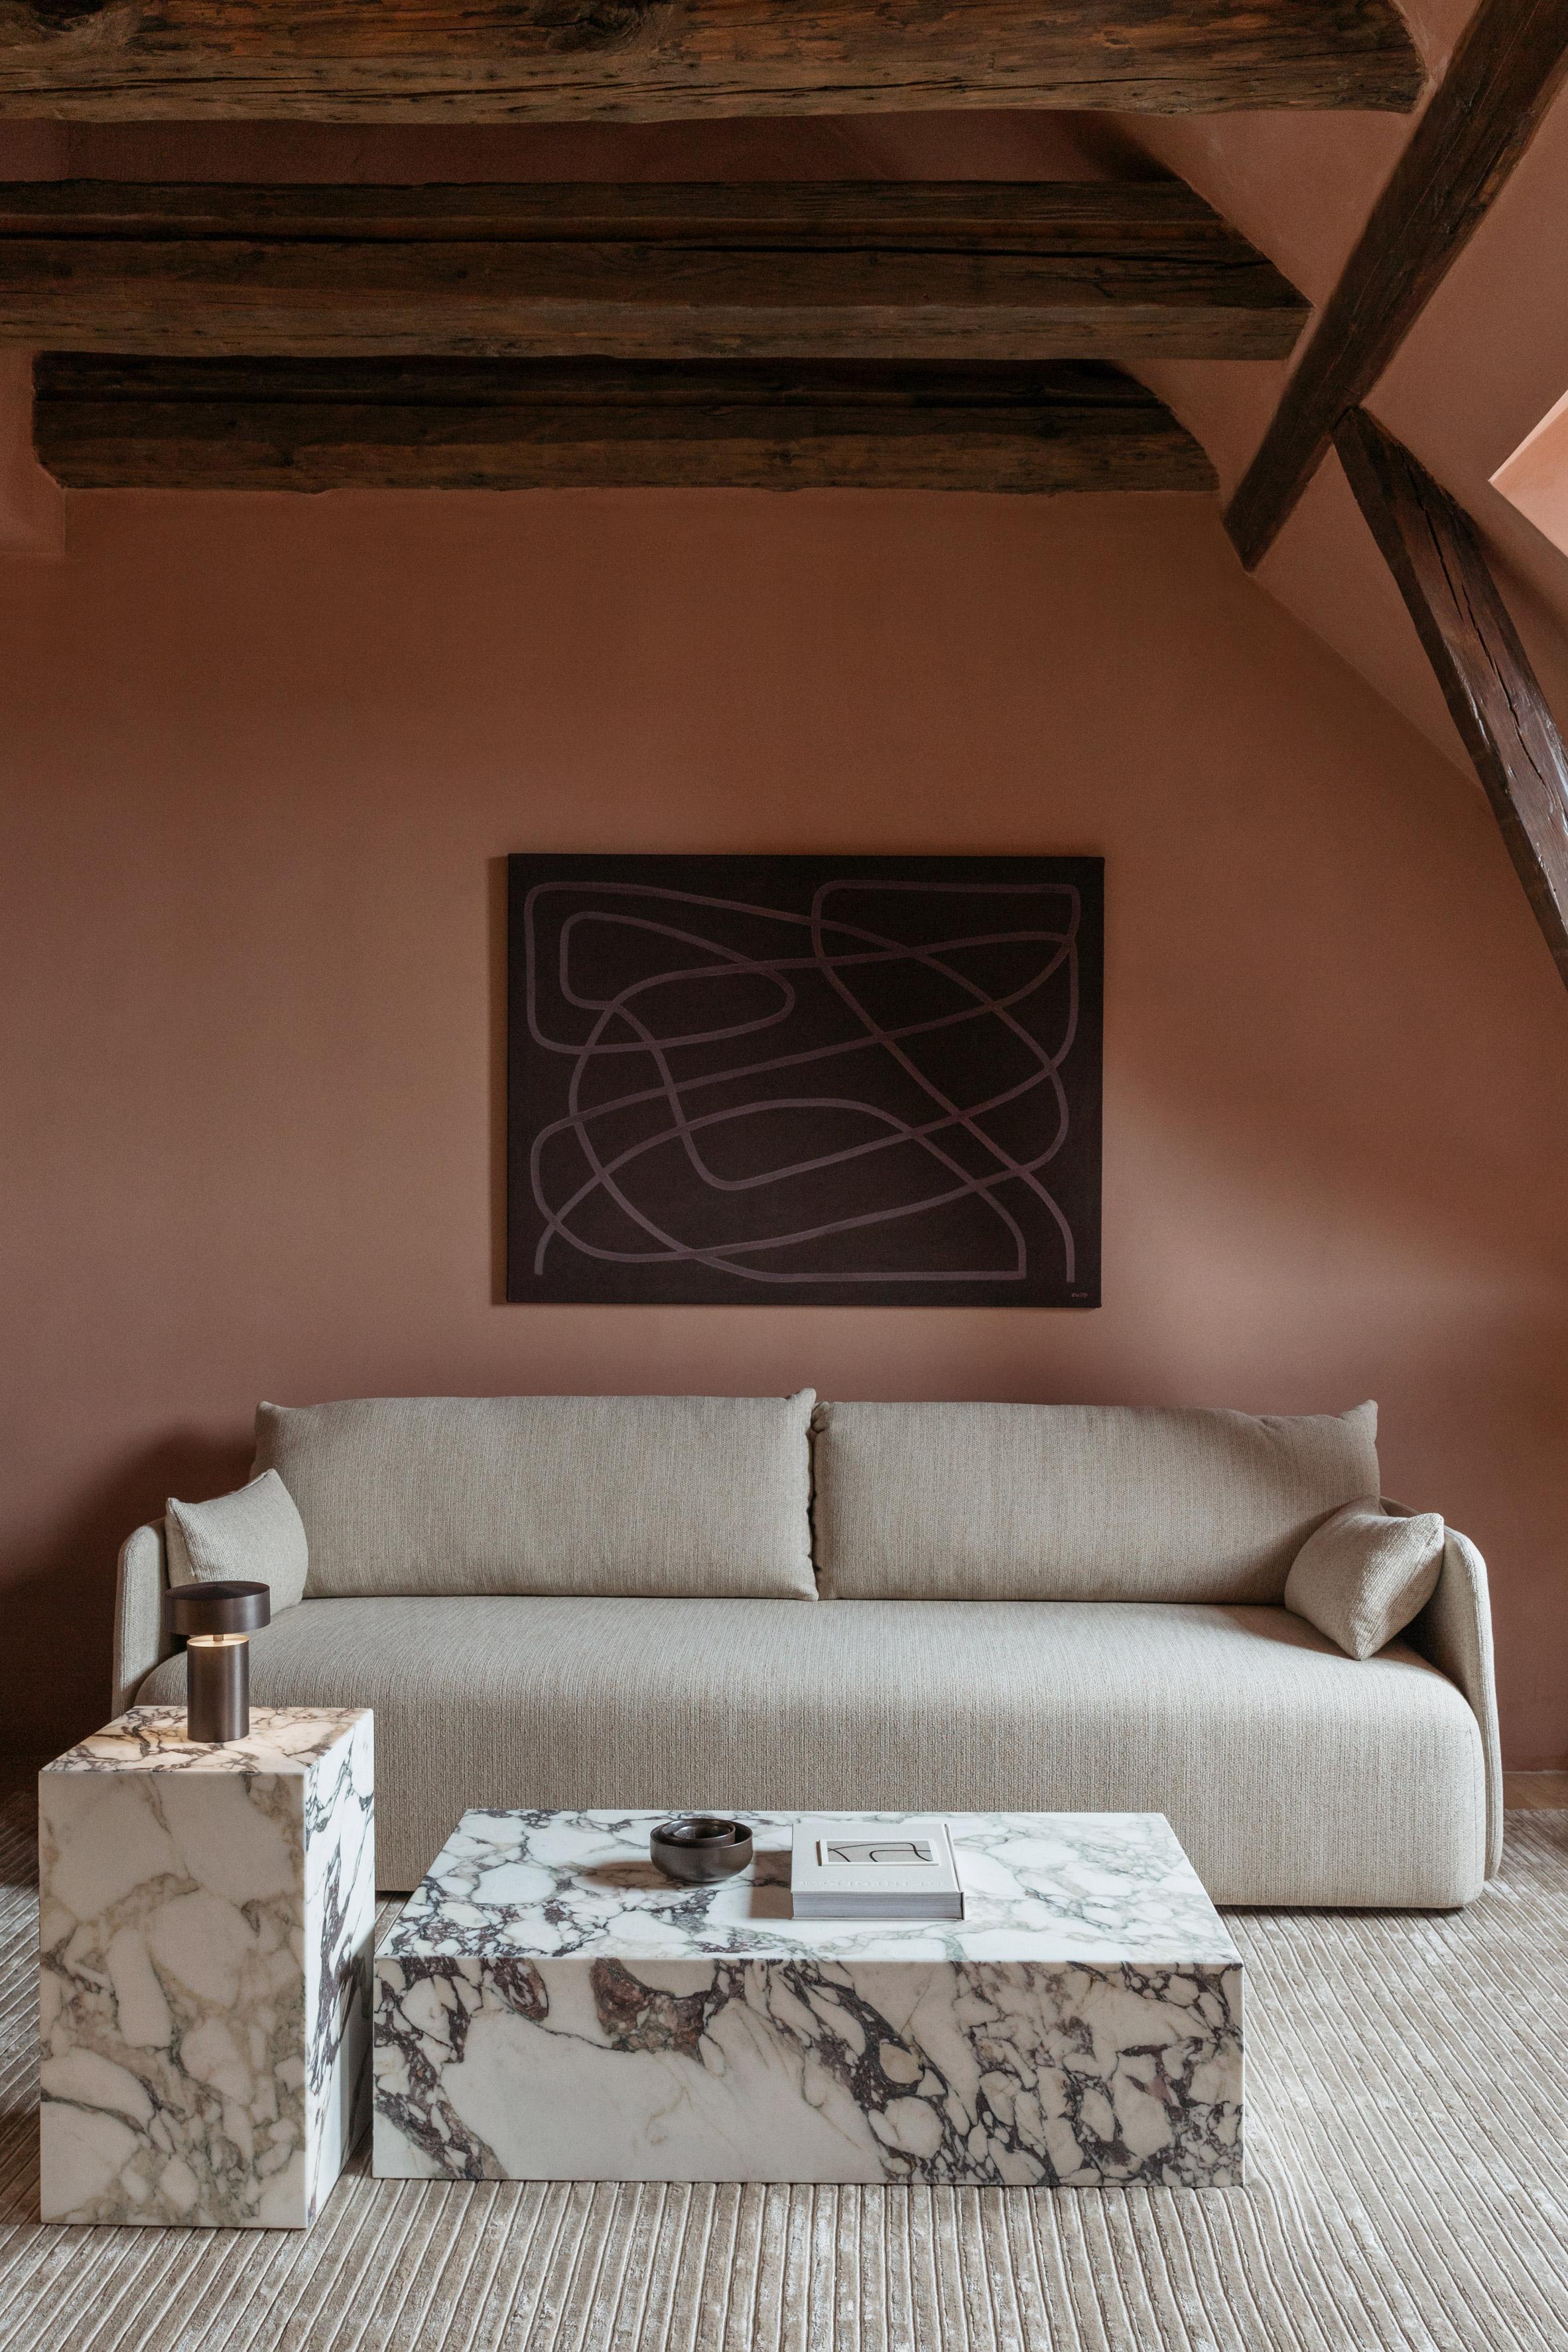 Hôtel design à Copenhague, mobilier Menu, par Norm Architects.